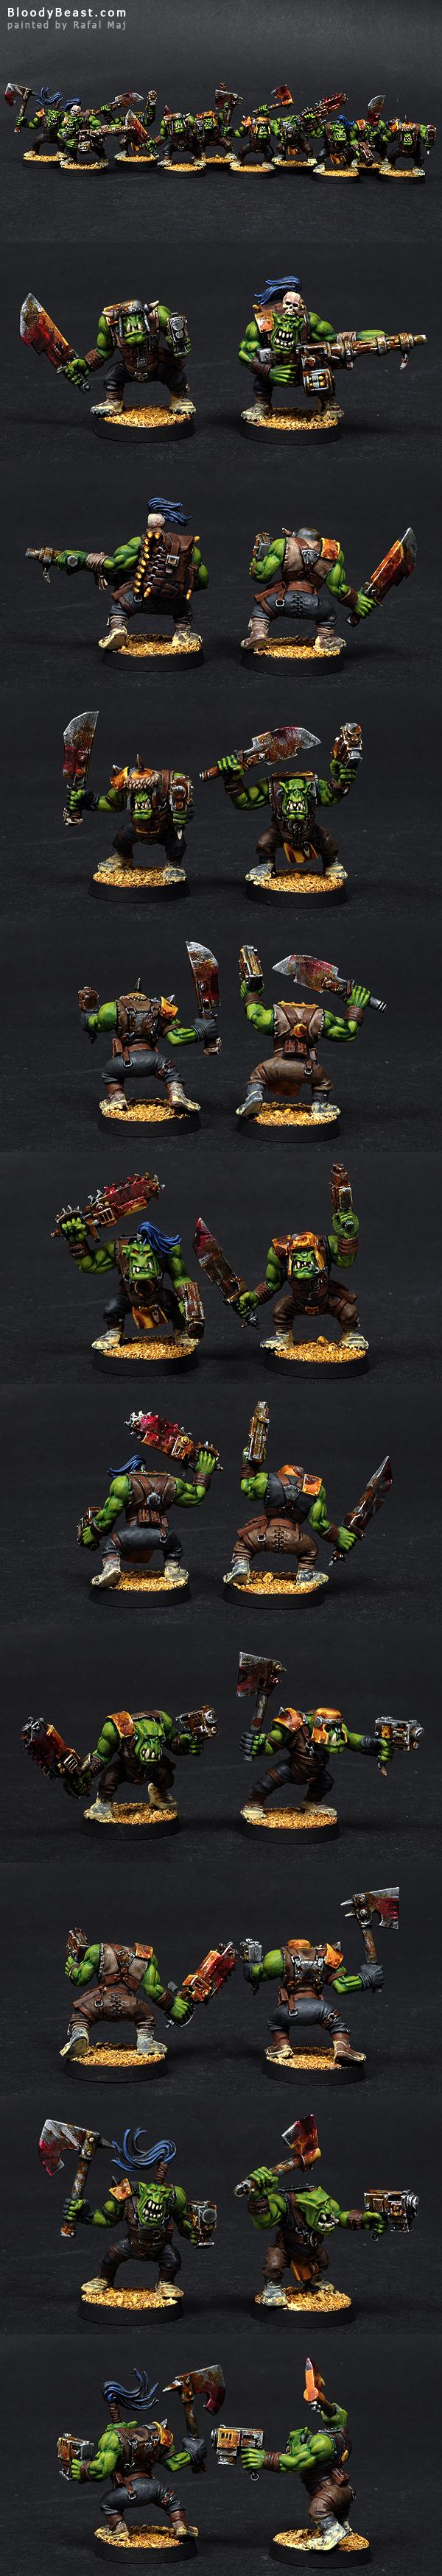 Ork Slugga Boyz painted by Rafal Maj (BloodyBeast.com)